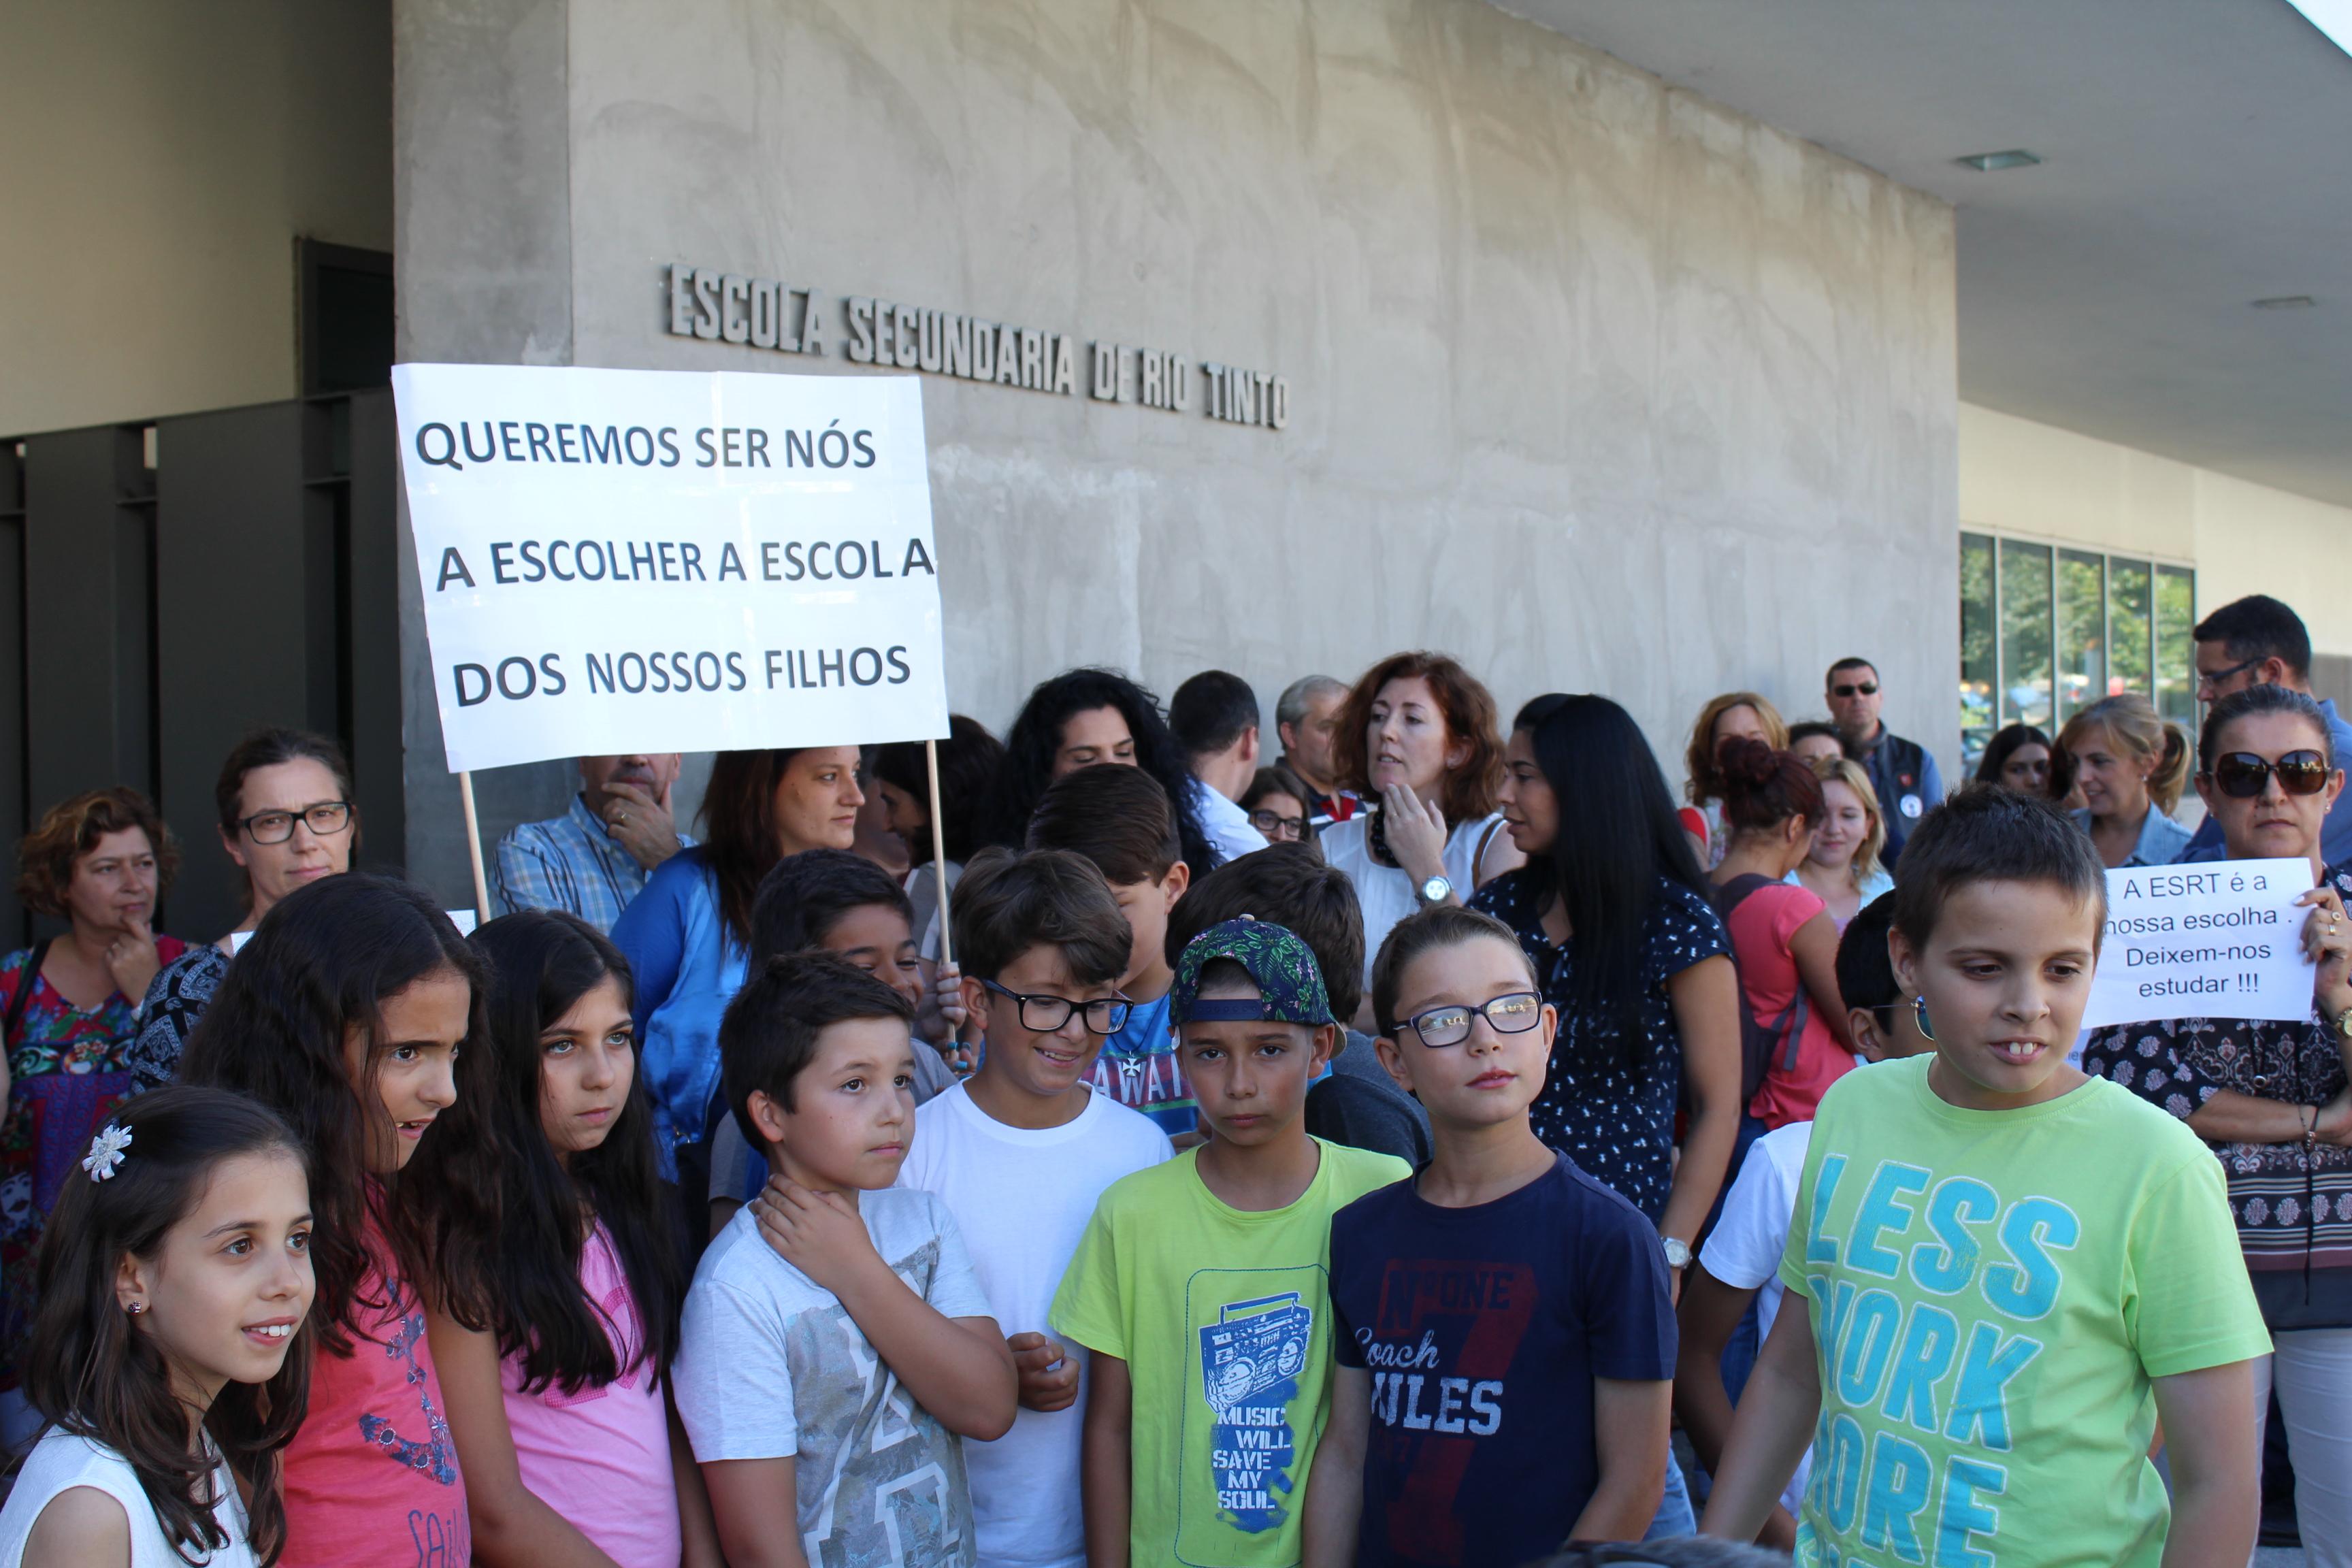 Protesto de pais na Escola Secundária de Rio Tinto - julho 2016